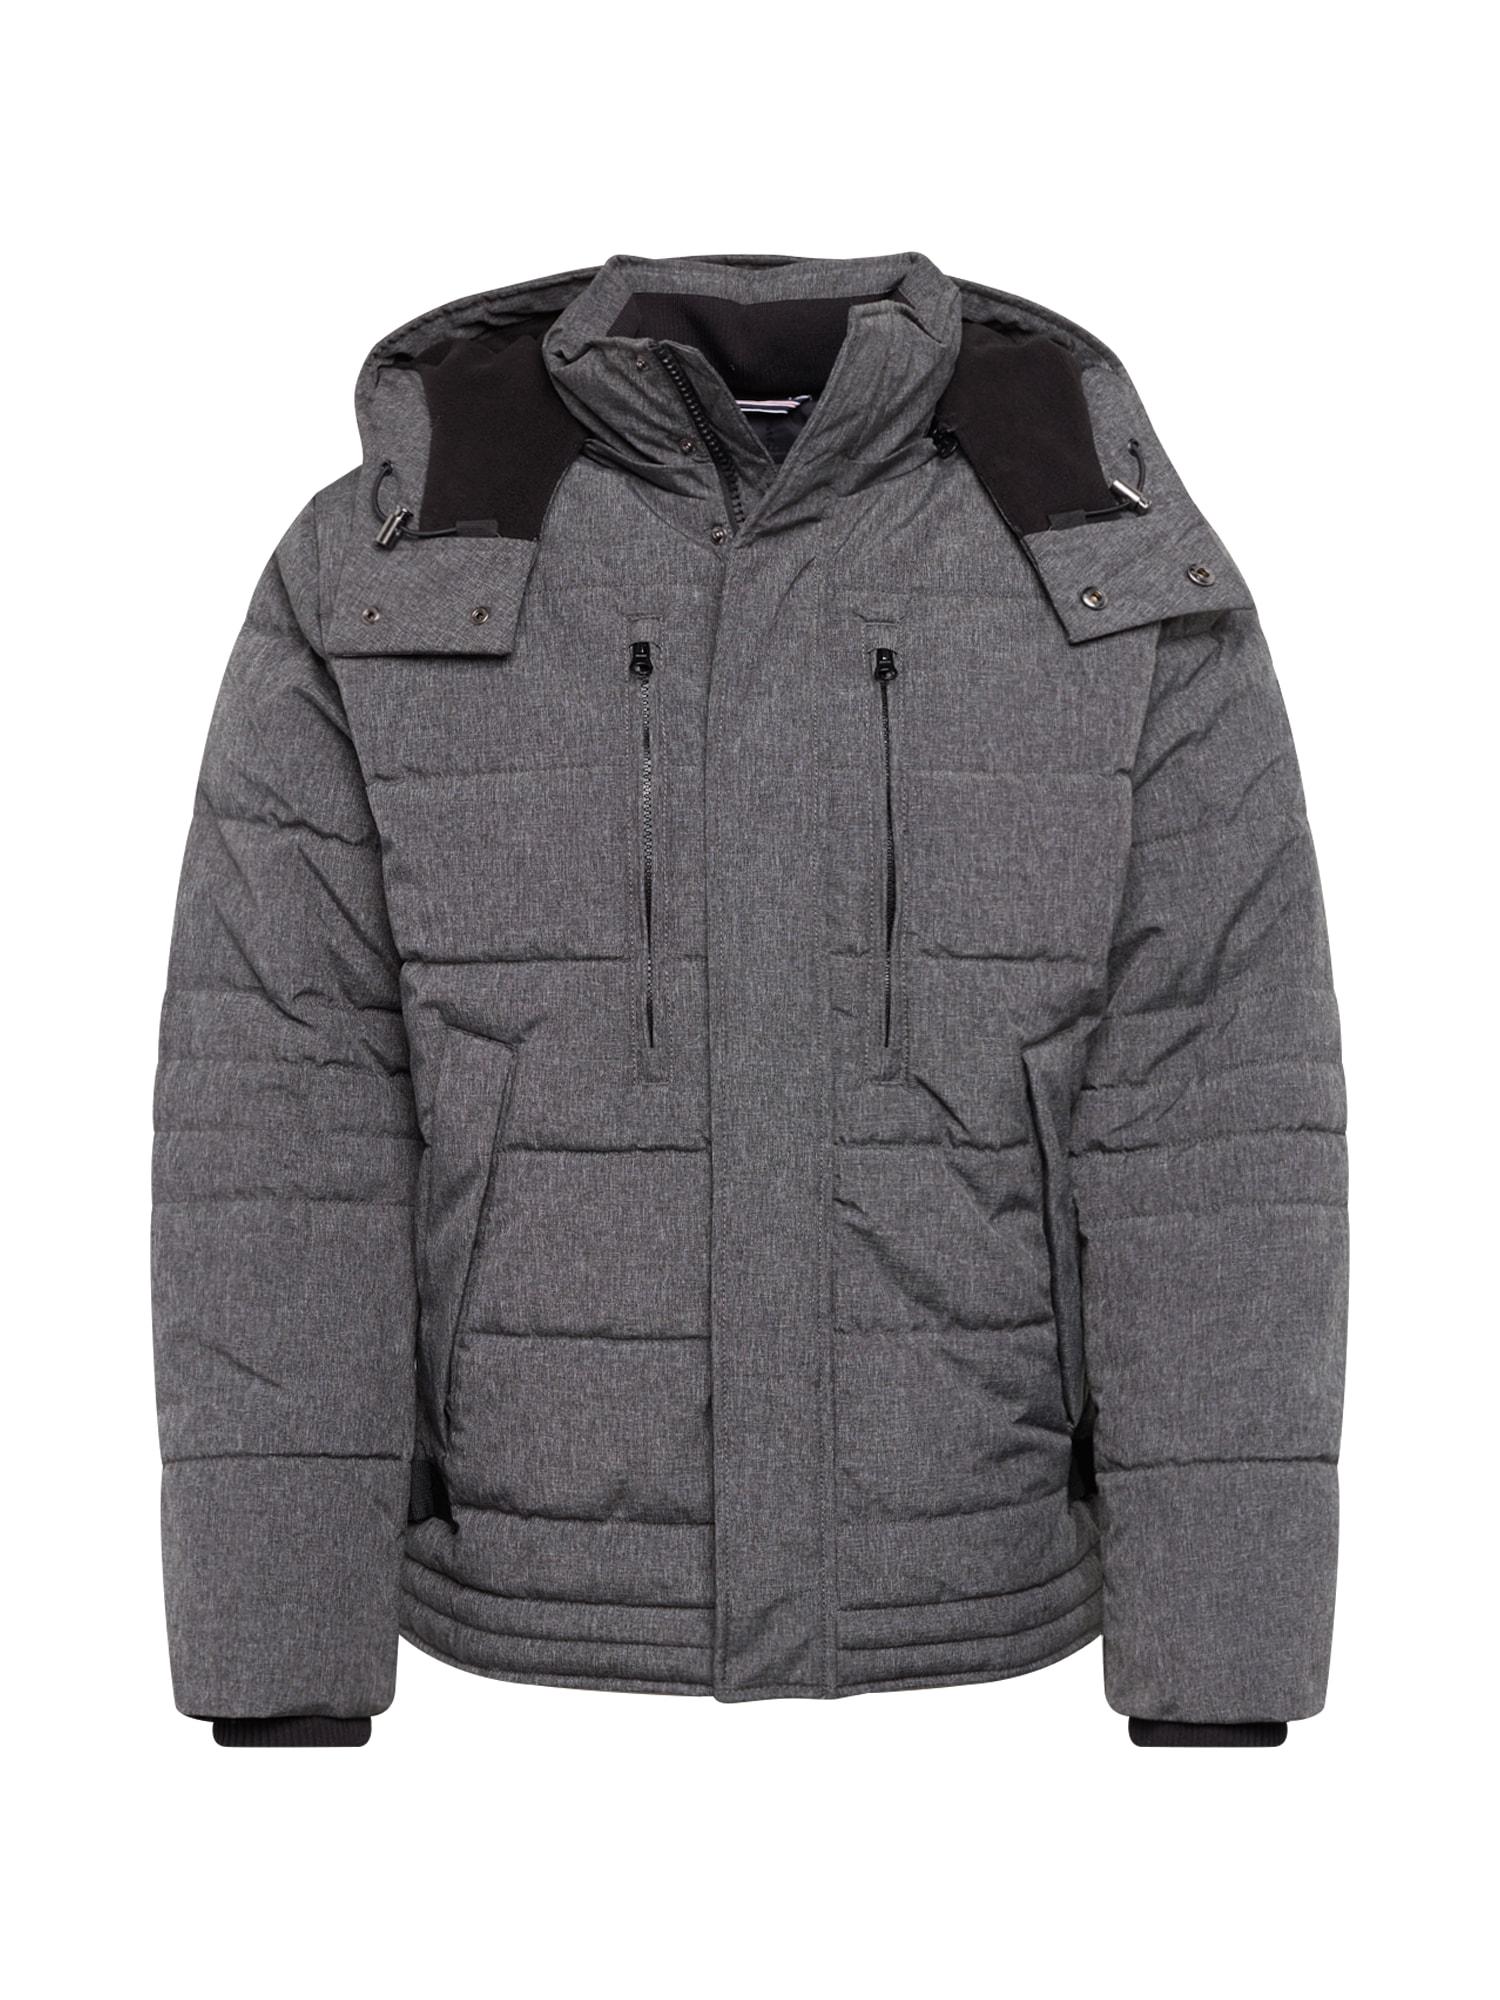 ESPRIT Žieminė striukė 'Artic' margai pilka